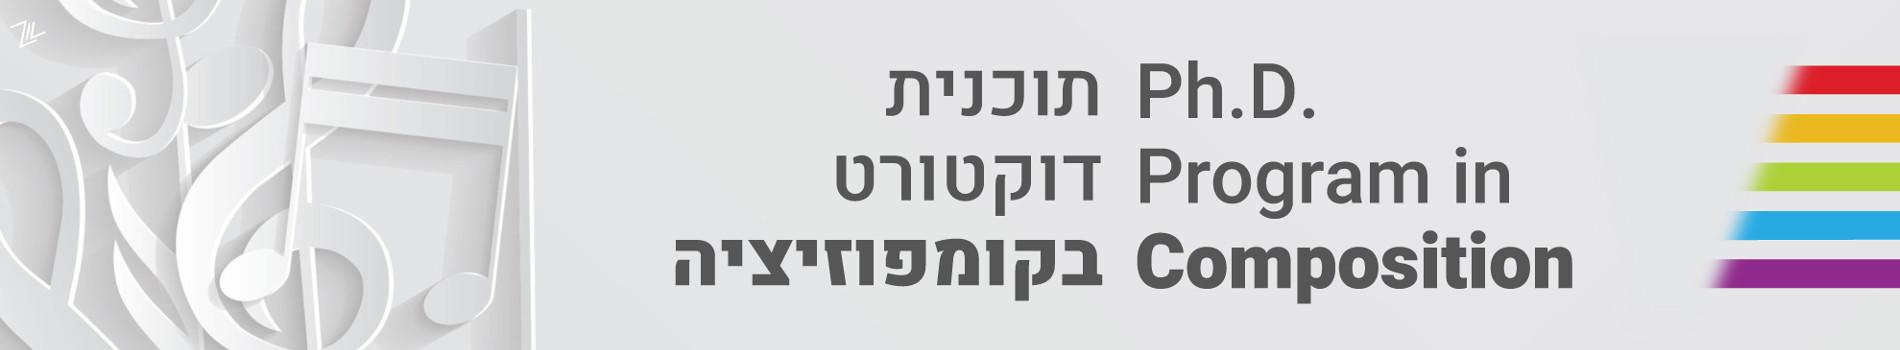 קול קורא להגשת מועמדות לתוכנית הדוקטורט בקומפוזיציה של האקדמיה למוסיקה ולמחול בירושלים והאוניברסיטה העברית